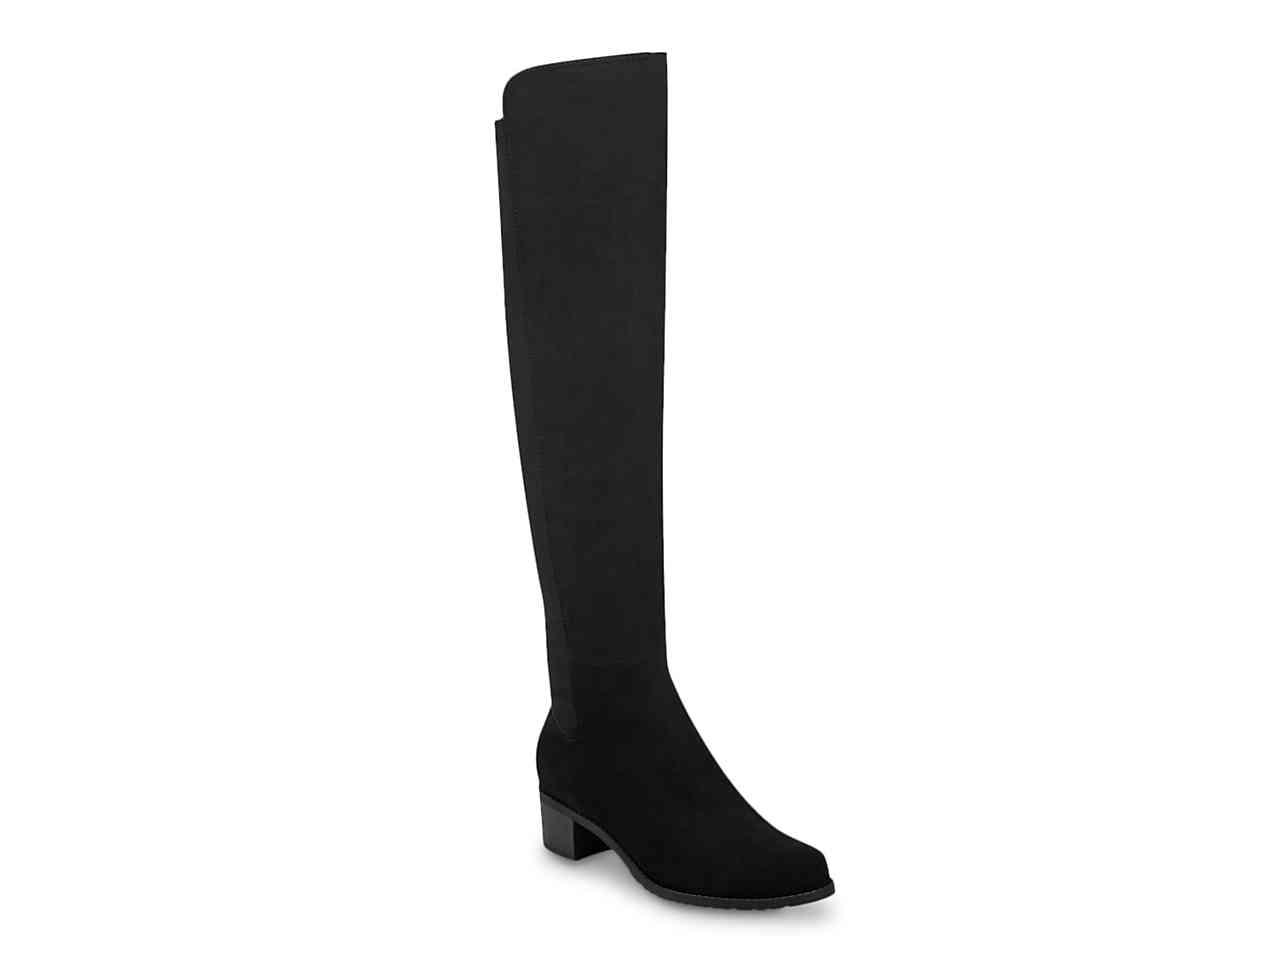 tall boots, Unisa